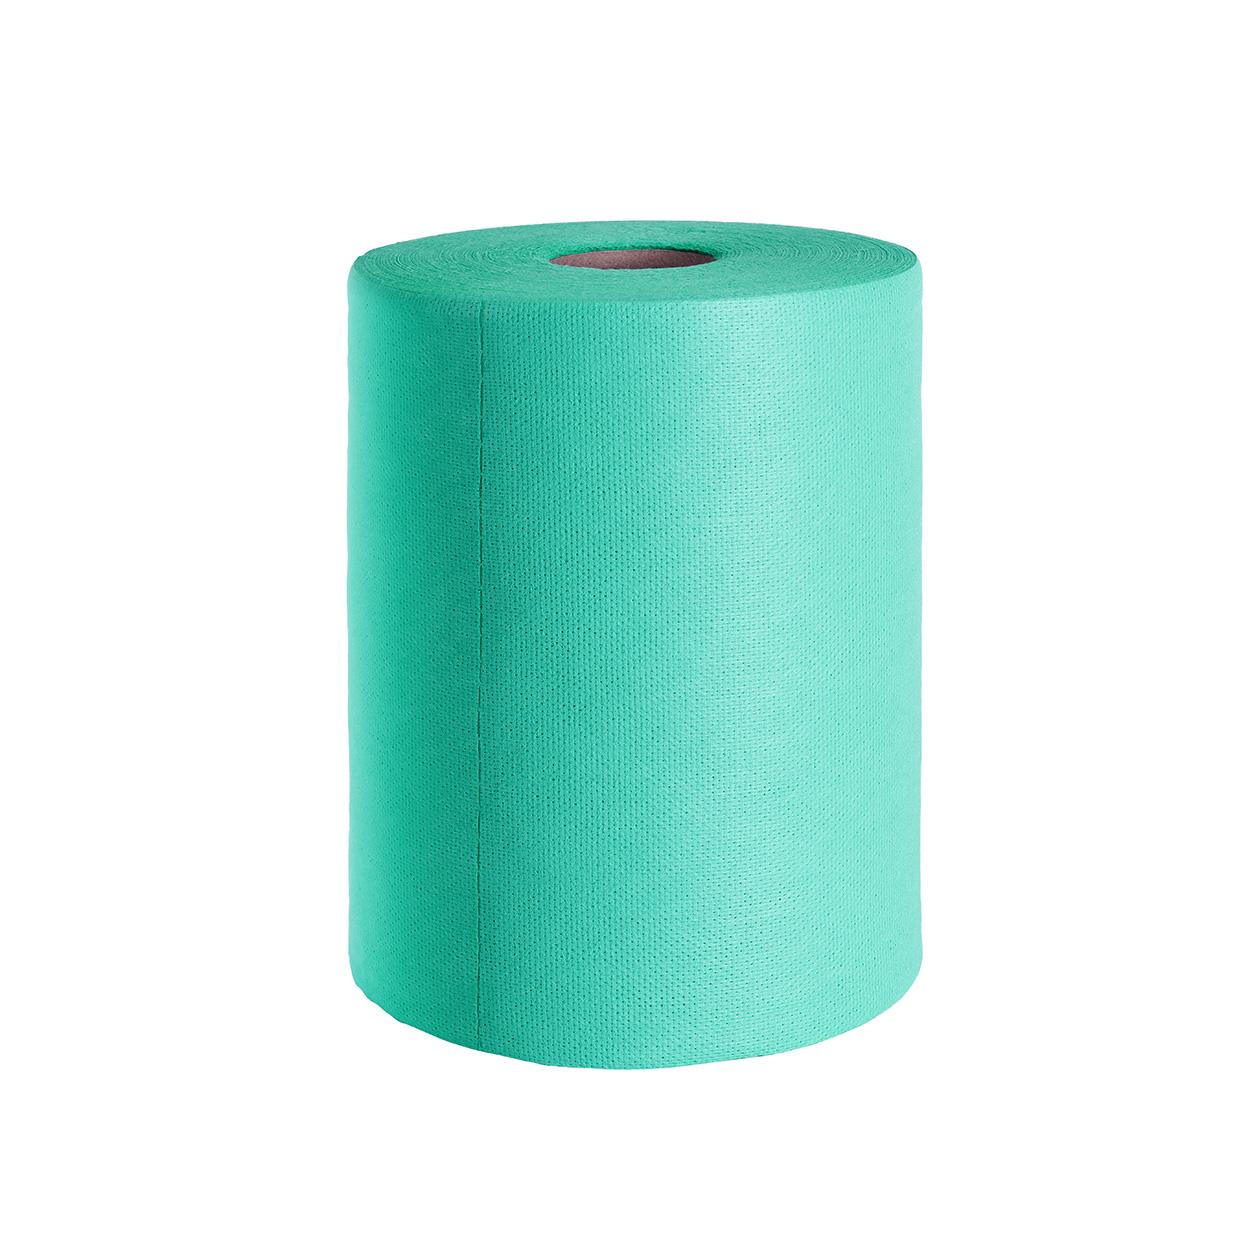 Farebná utierka pre hrubé čistenie - zelená